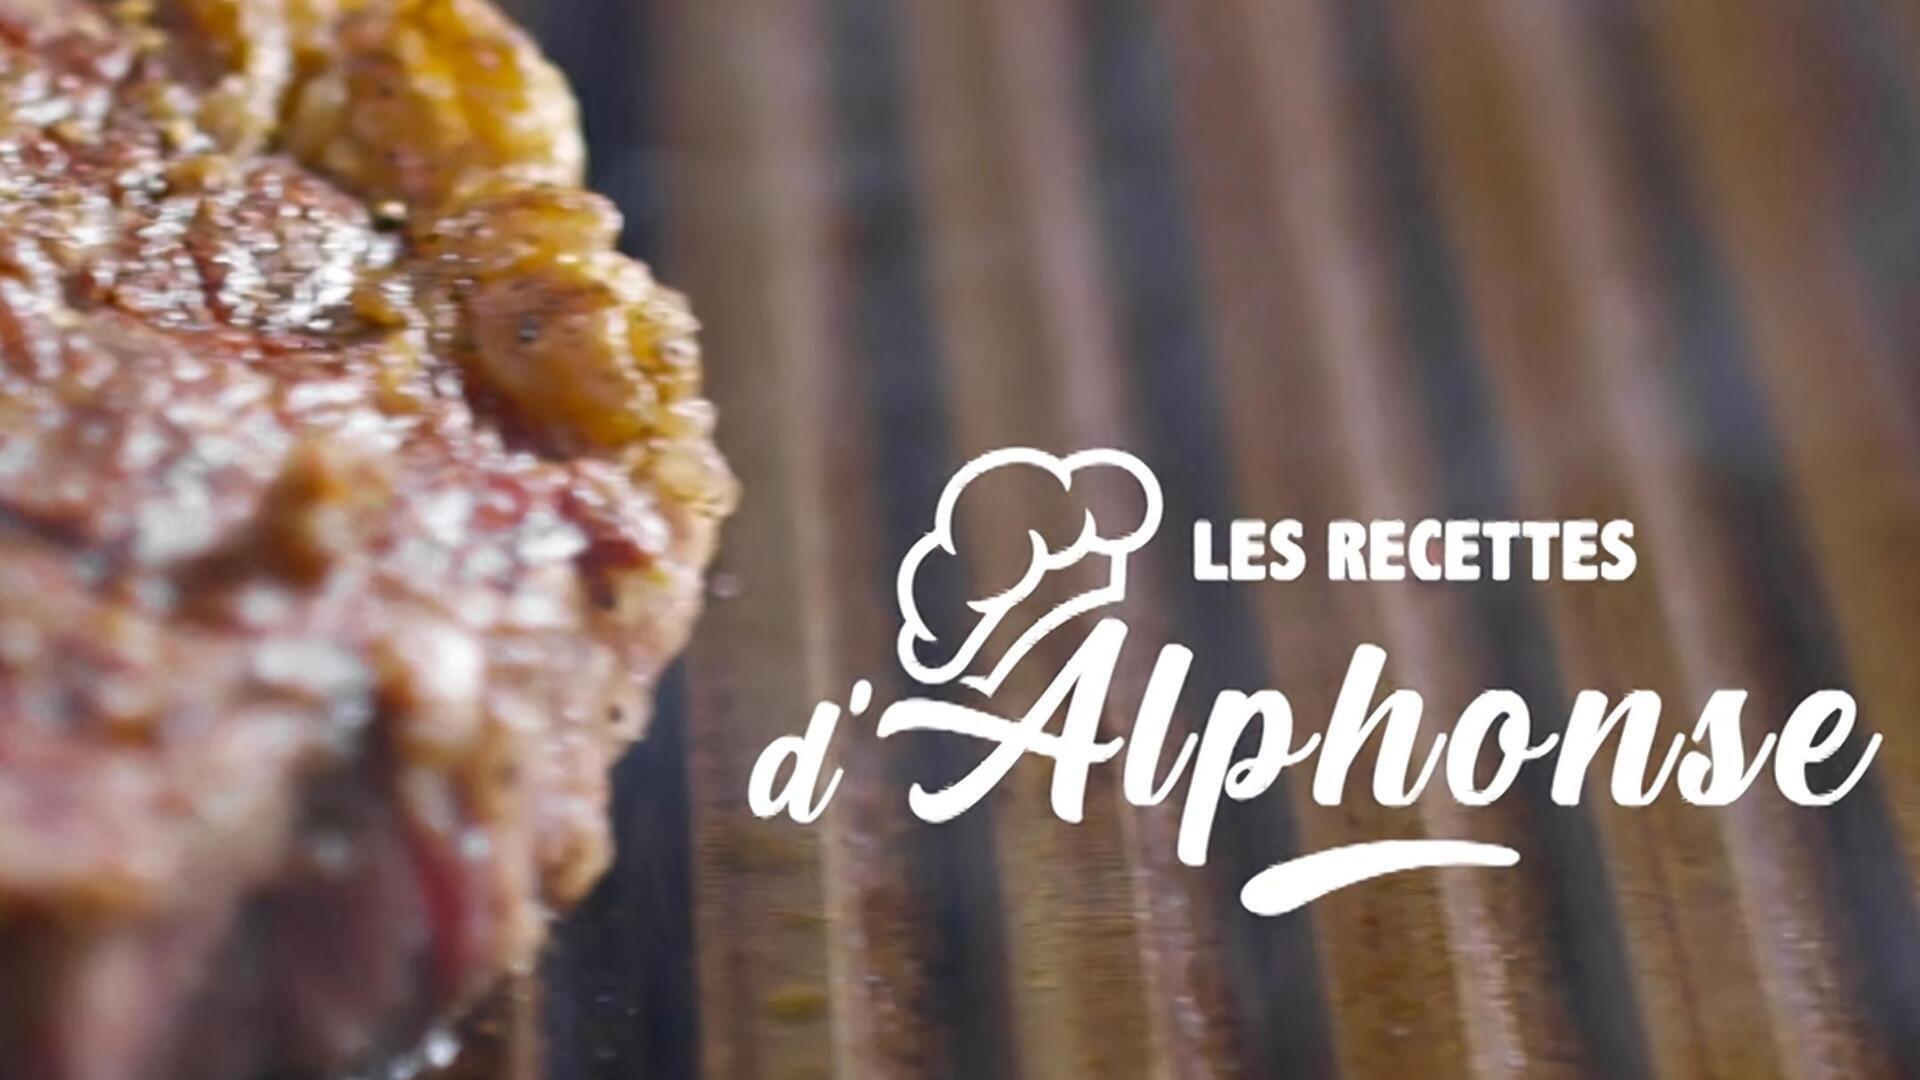 Recettes d'Alphonse : Rognons de porc au café et ananas